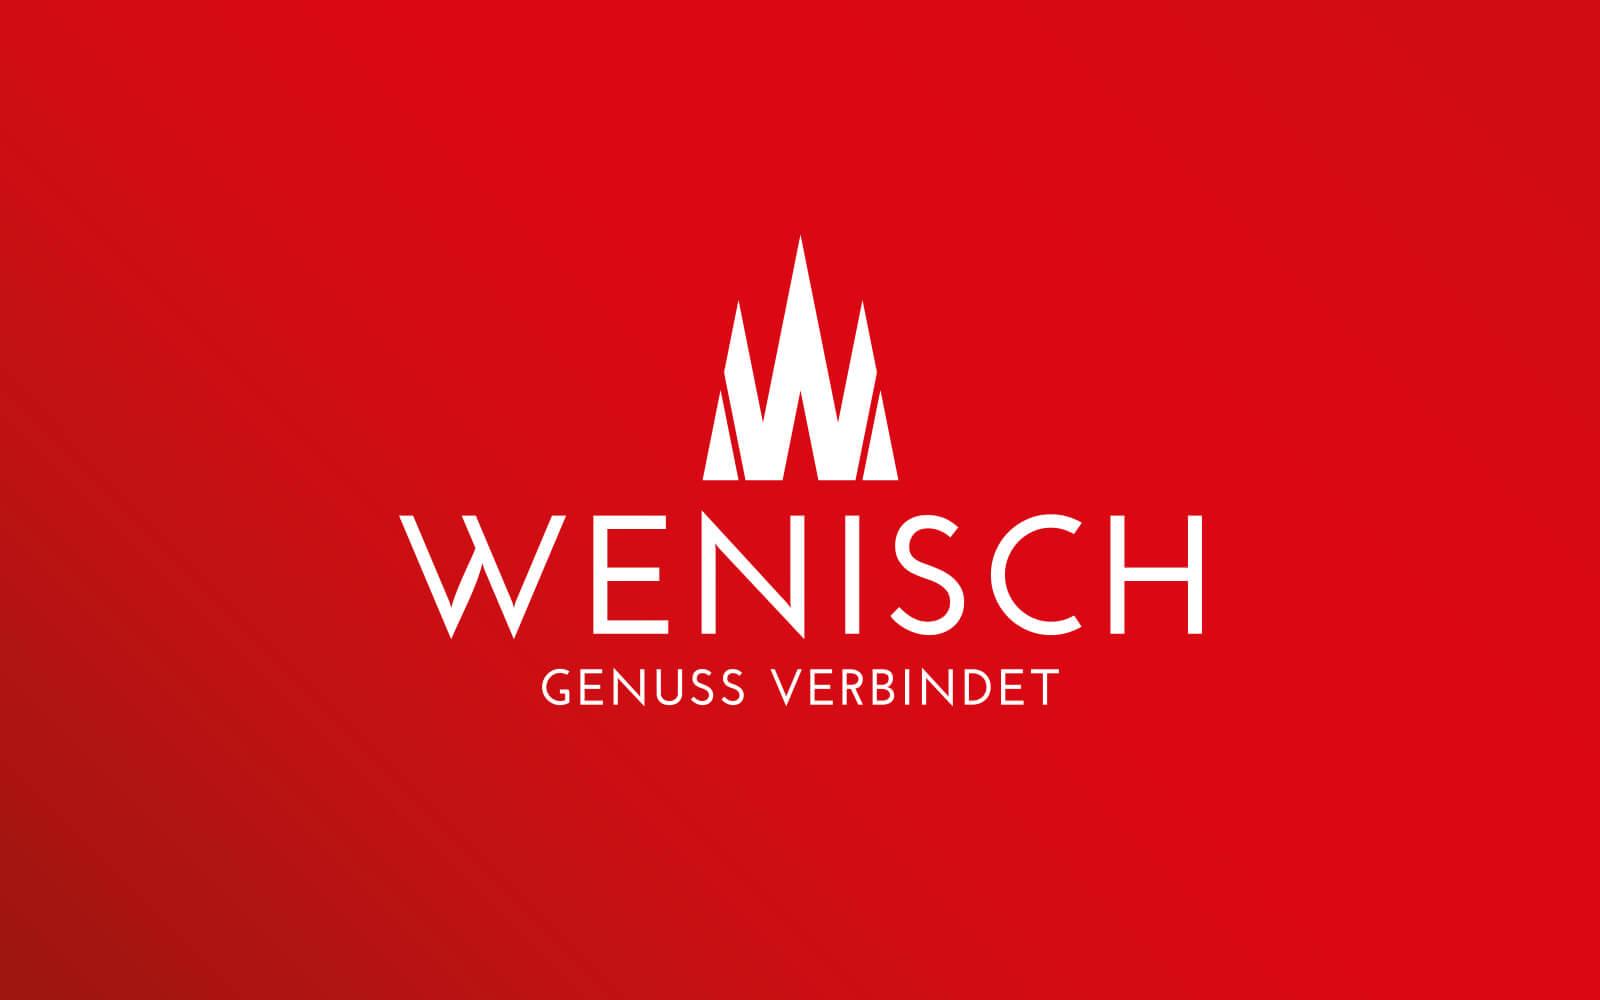 Wenisch – Dachmarke weiß